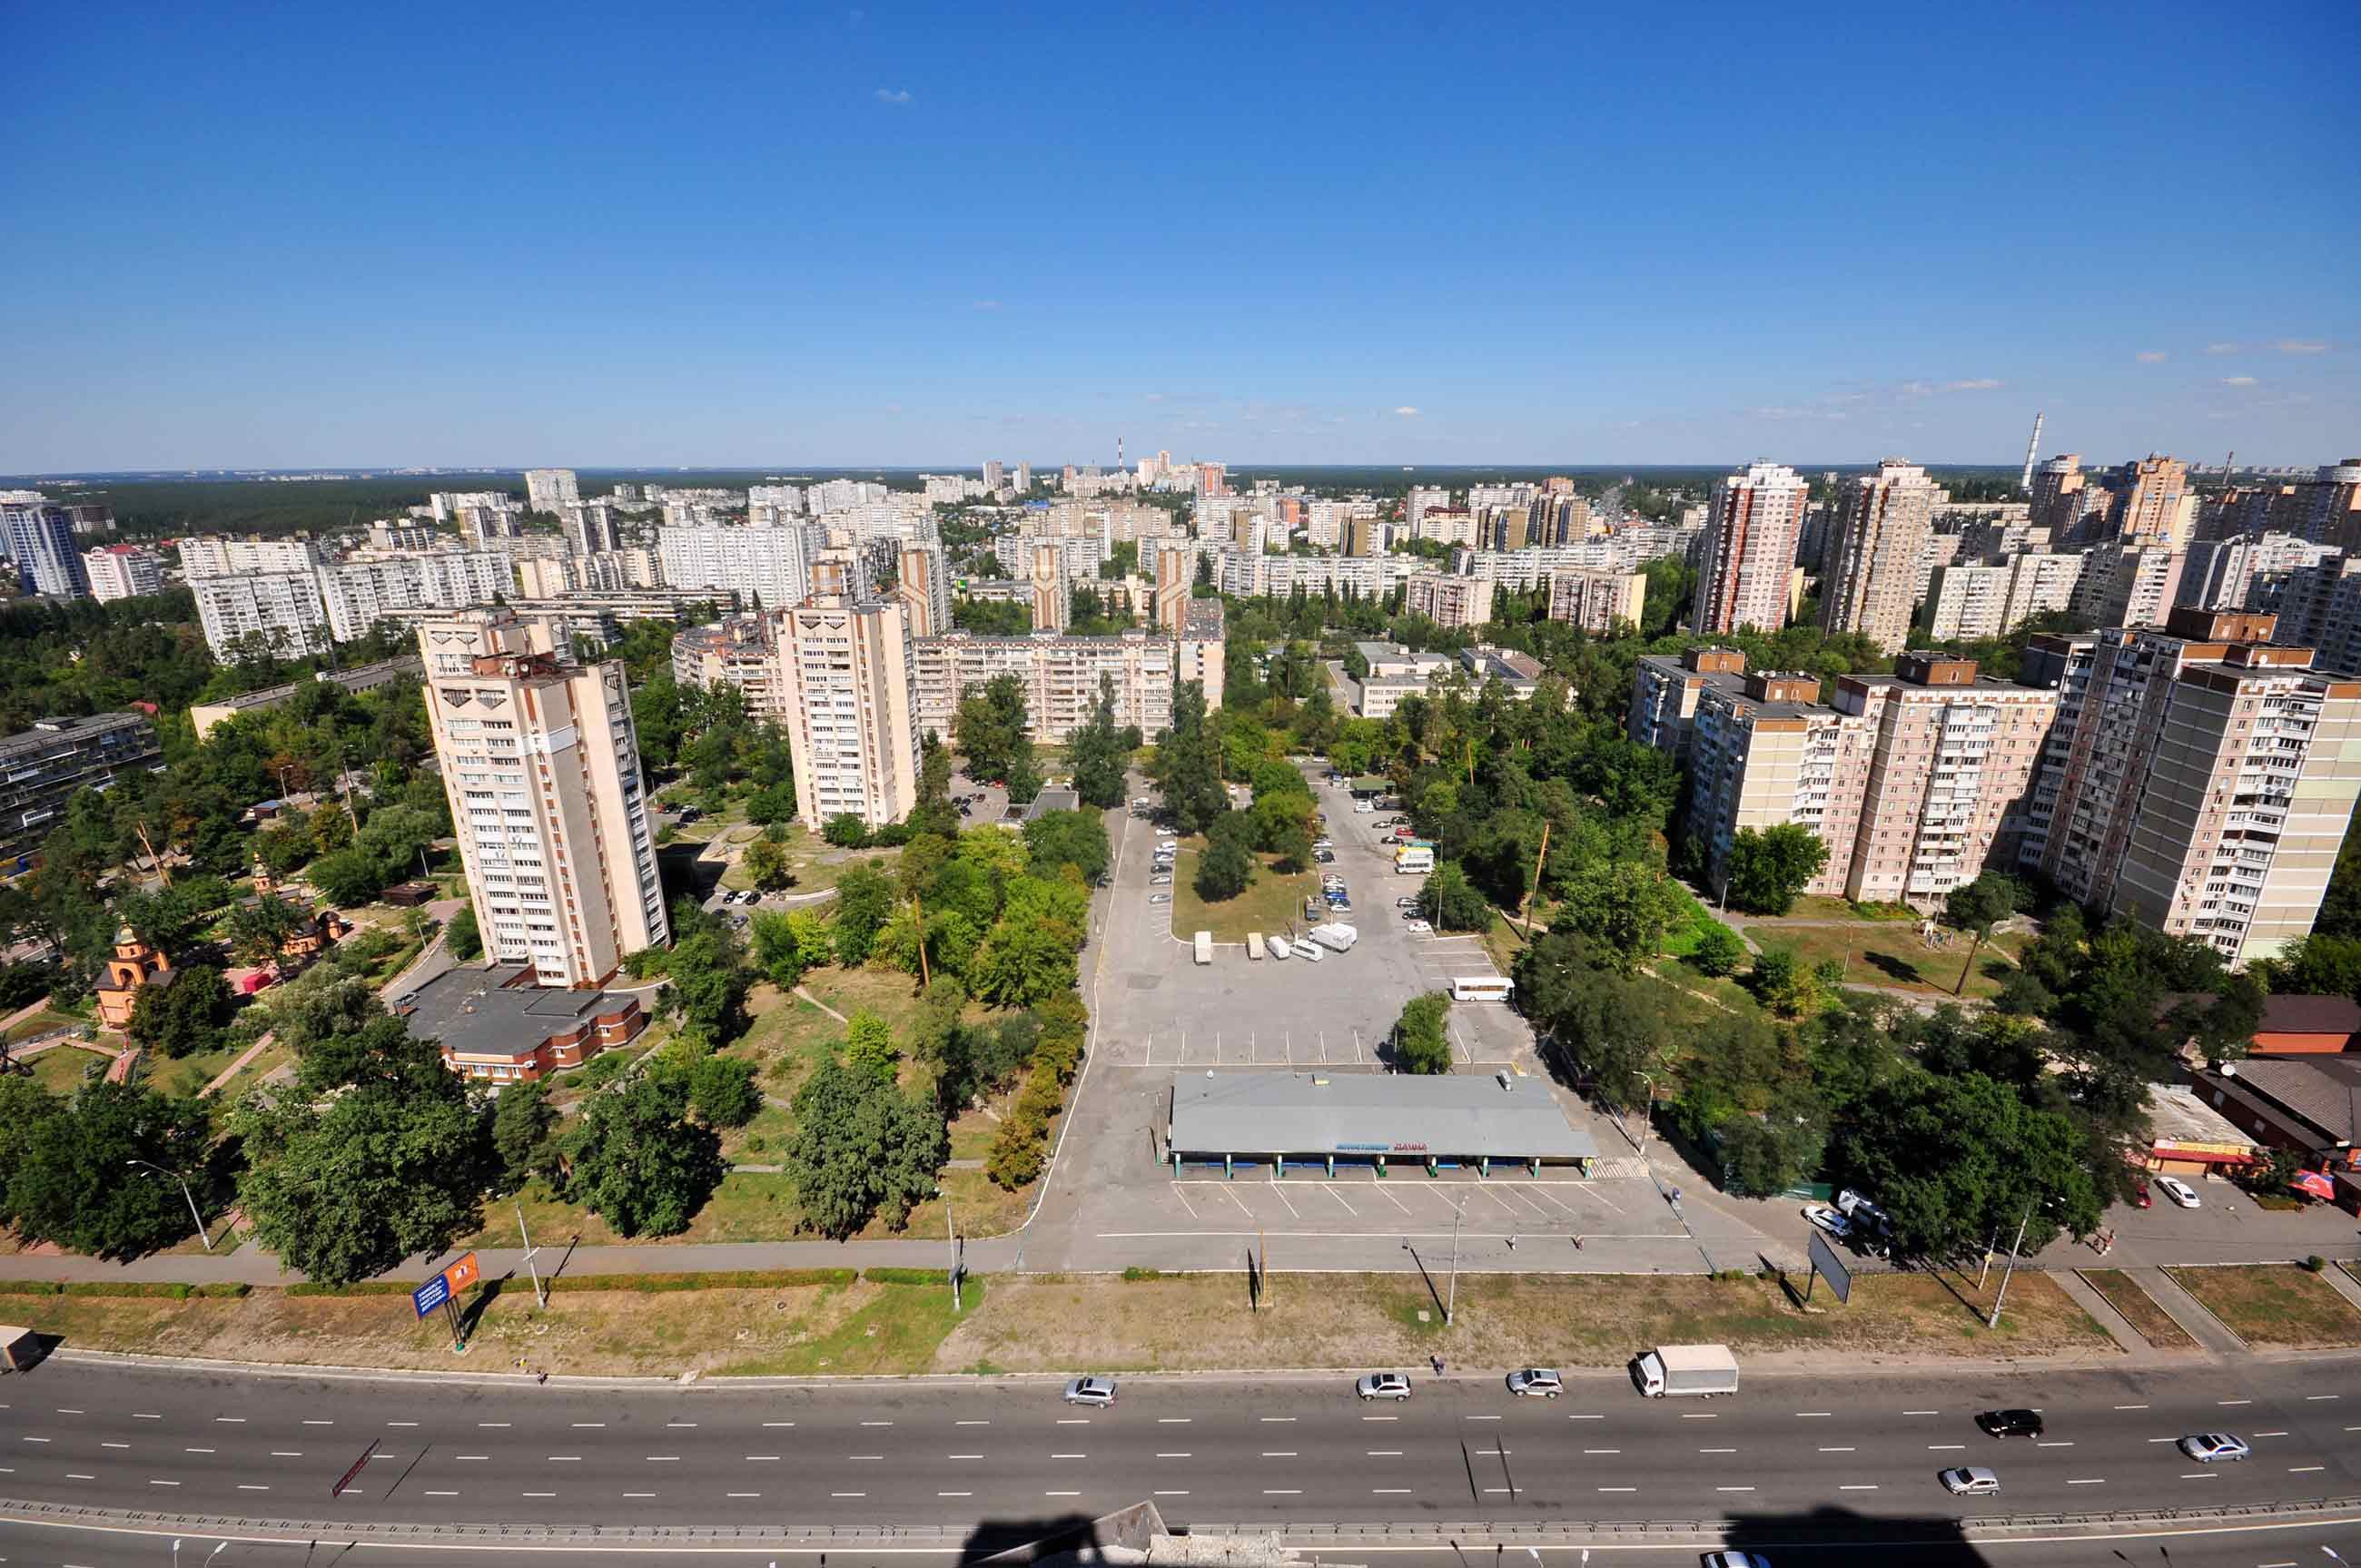 belichi 01 - <b>Ради массового жилья в Киеве уничтожили десятки поселений.</b> Рассказываем, как это было - Заборона